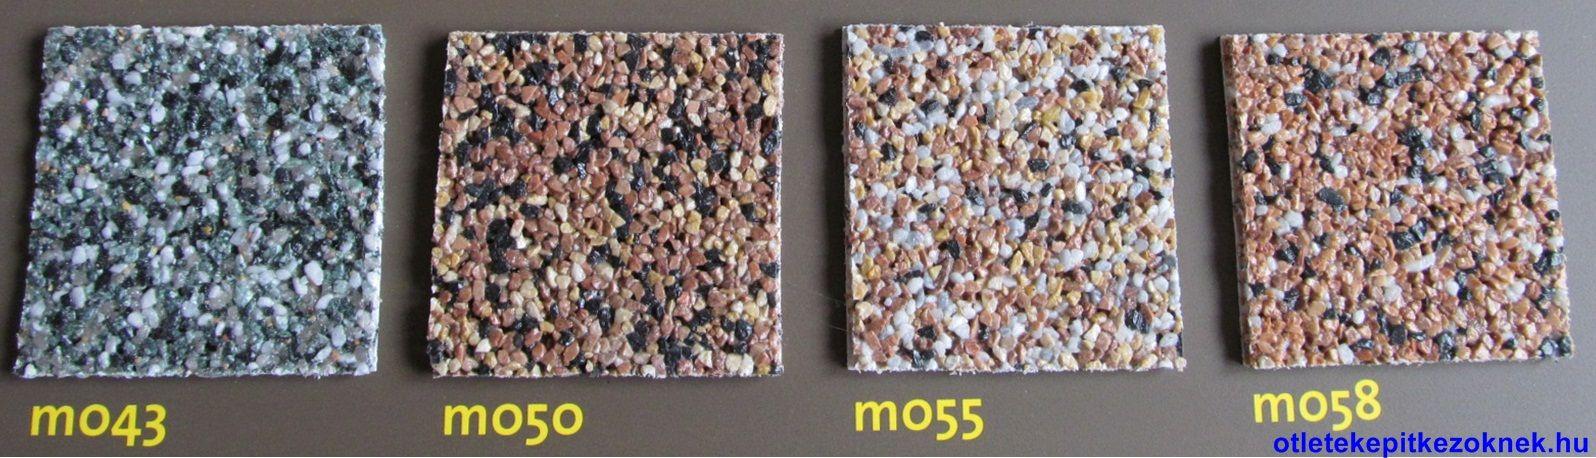 weber-terranova mosaik lábazati vakolatai